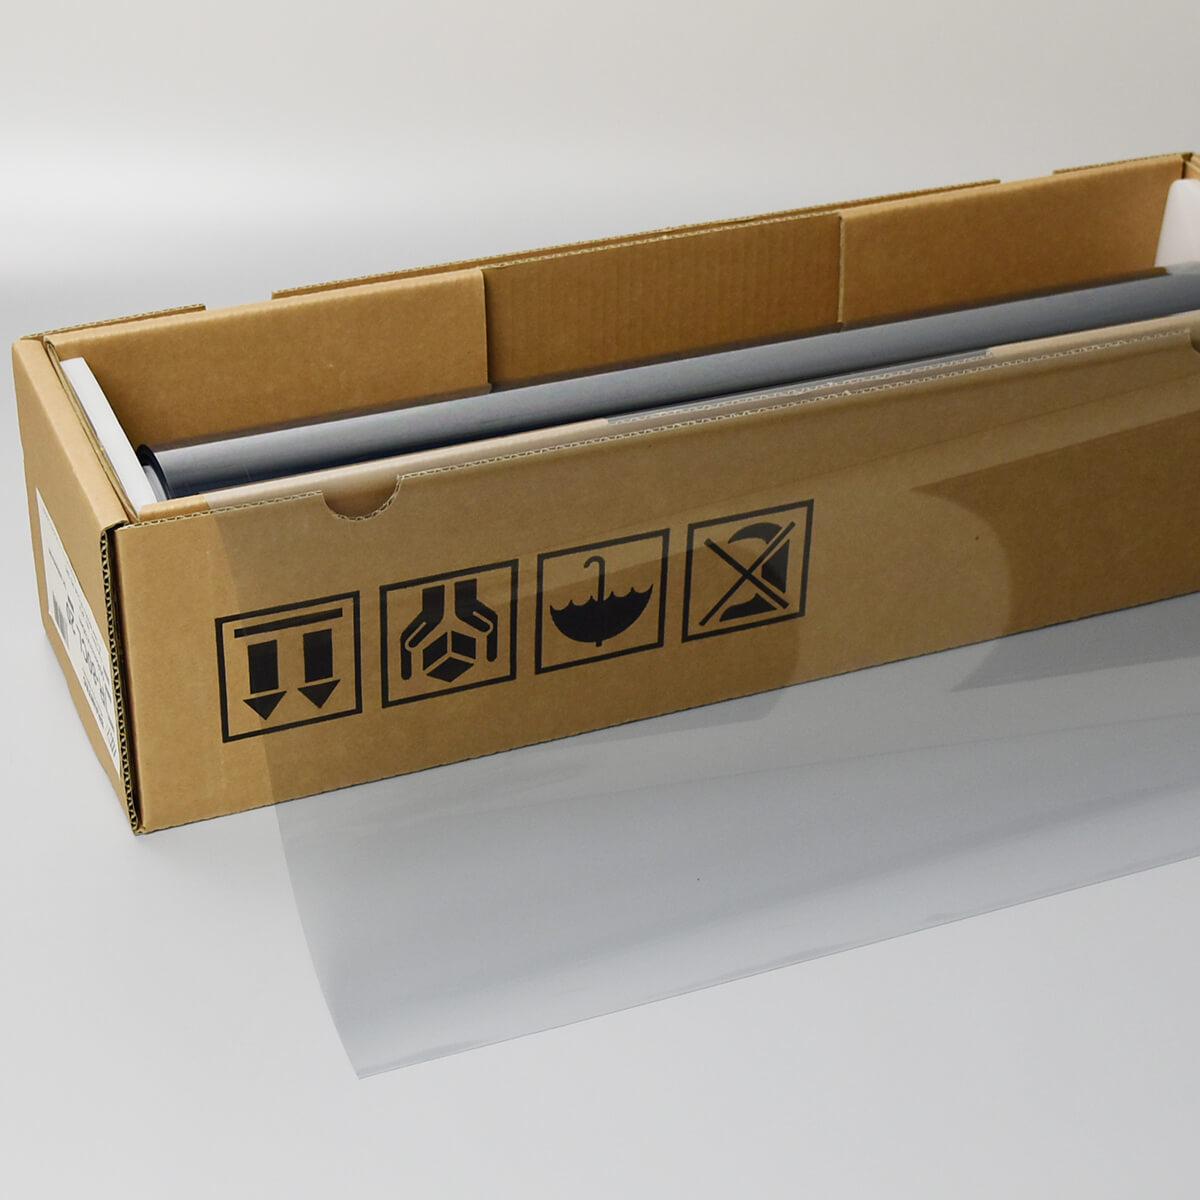 送料無料 ウィンドウフィルム 窓ガラスフィルム IR透明断熱80(79%) 1m幅×30mロール箱売 飛散防止フィルム 遮熱フィルム 断熱フィルム UVカットフィルム ブレインテック Braintec